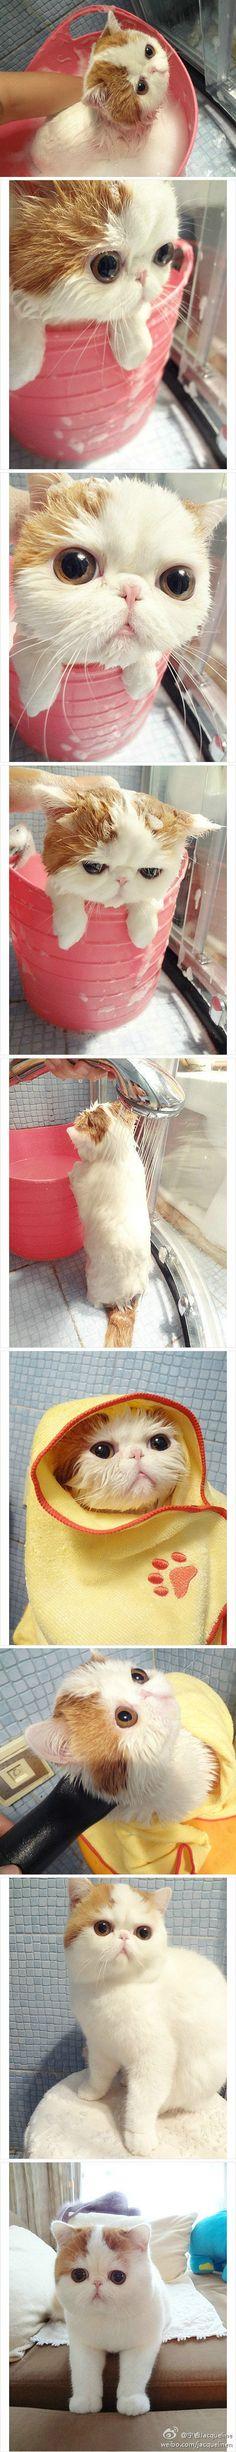 加菲猫洗澡到吹干全过程:真正的美猫不惧湿身,不惧头发被弄乱!毫不影响魅力值!